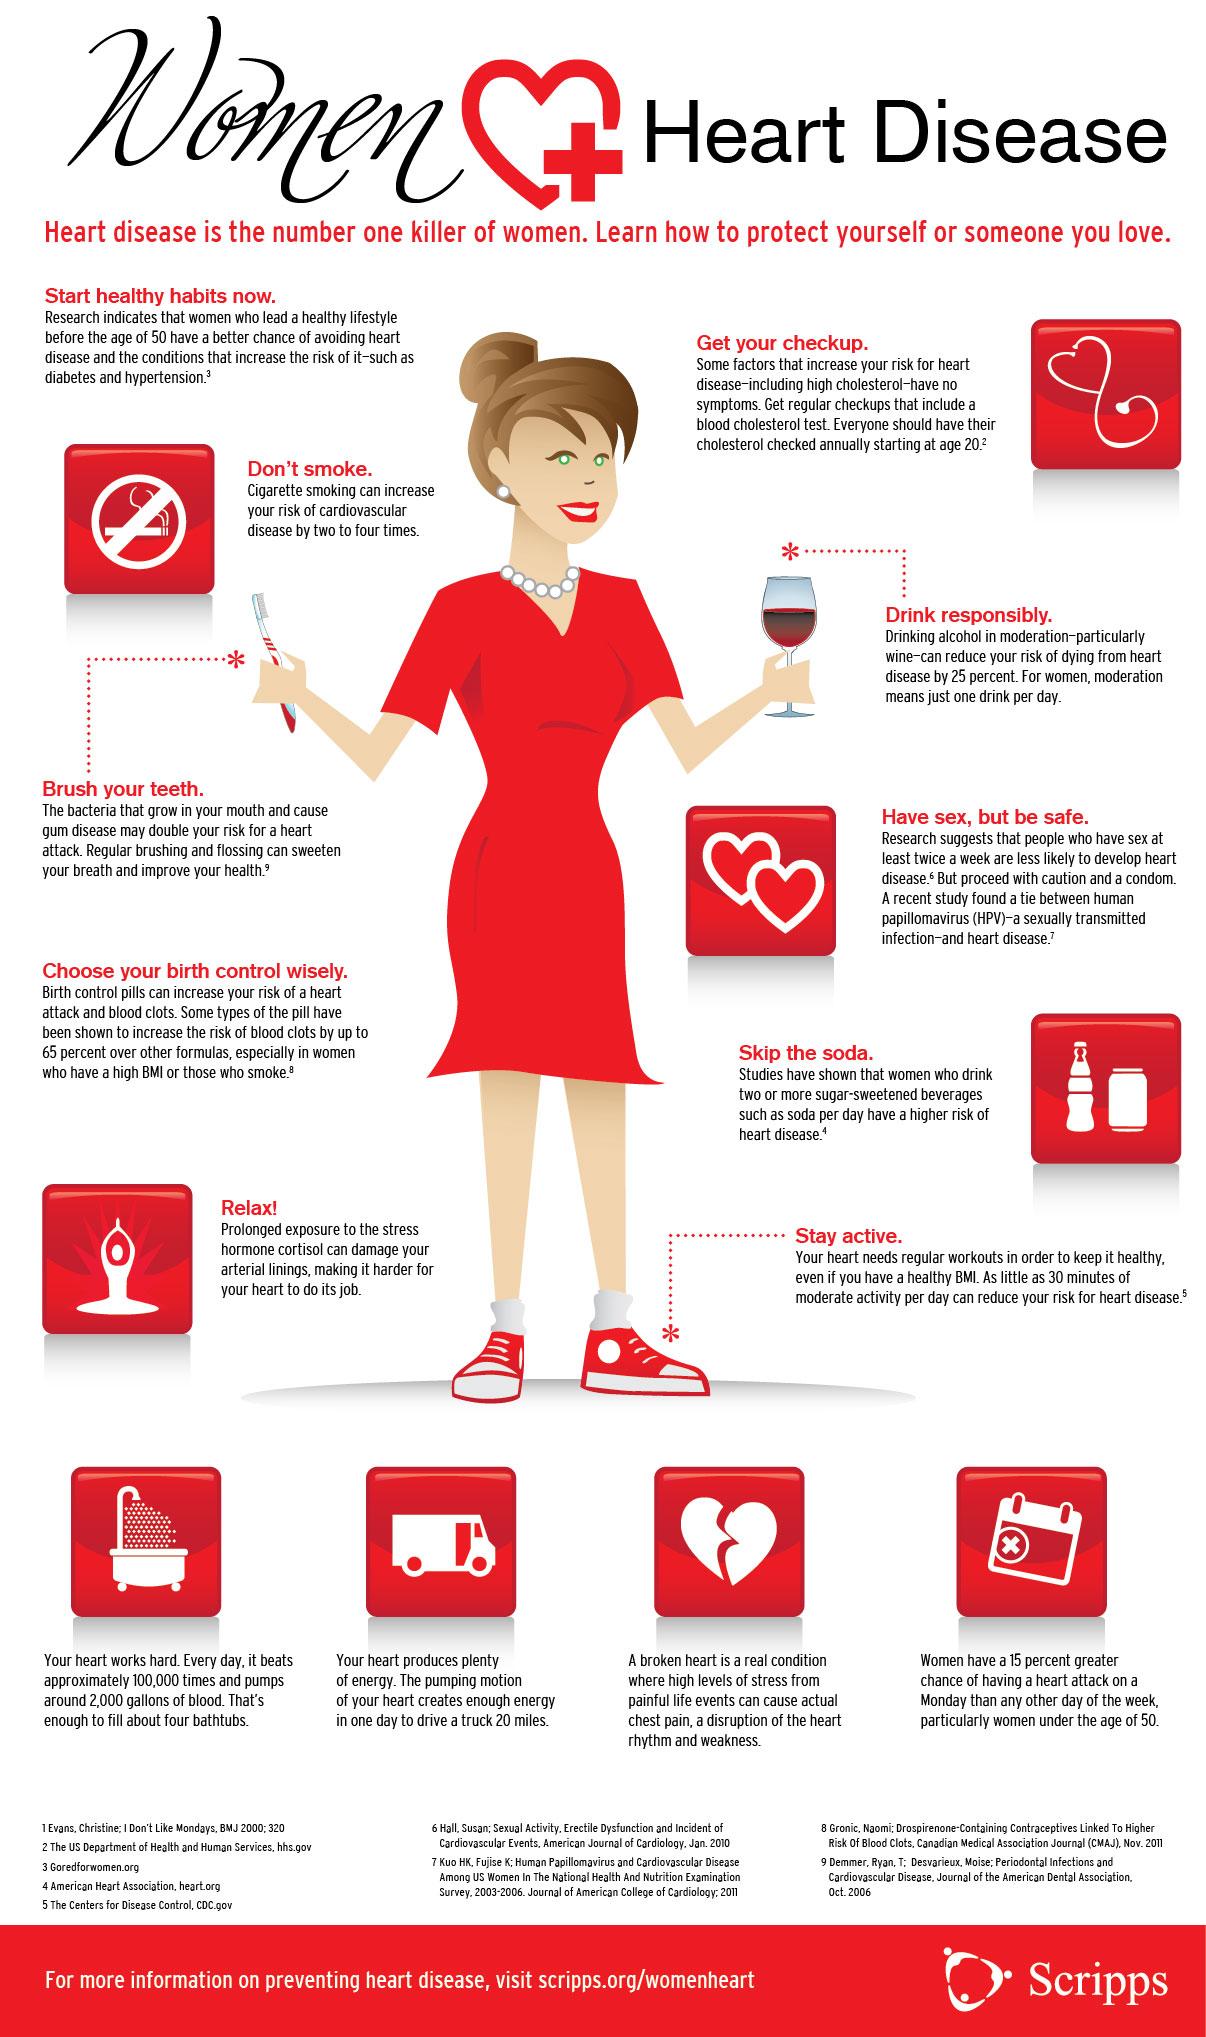 women-heart-disease